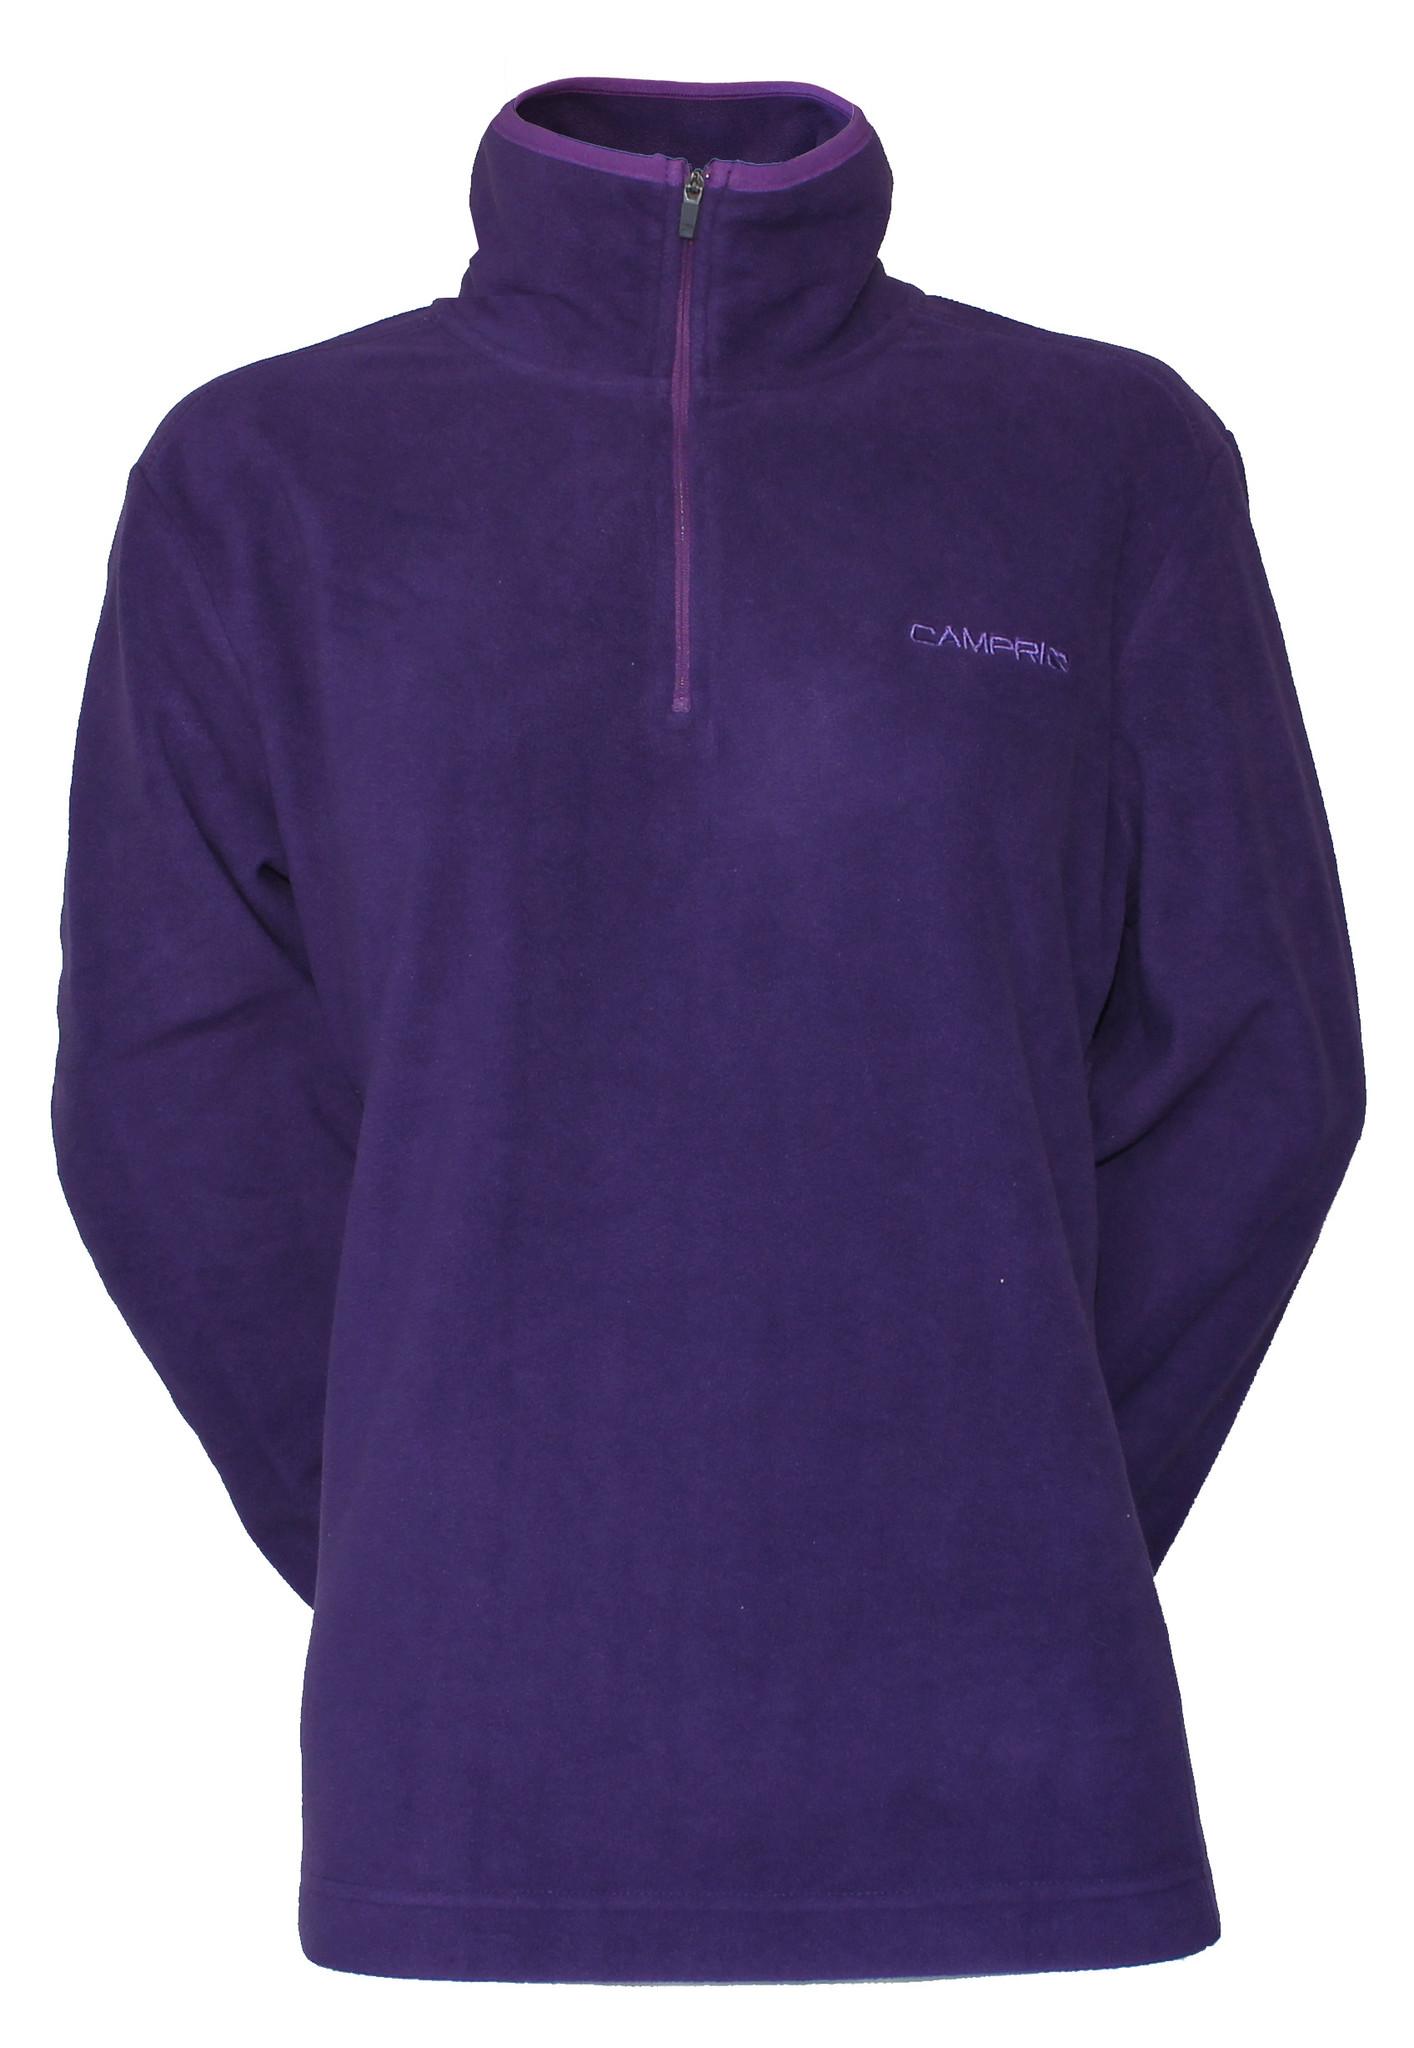 Campri Campri Dames - Micro Polar fleece sweater - Donkerpaars